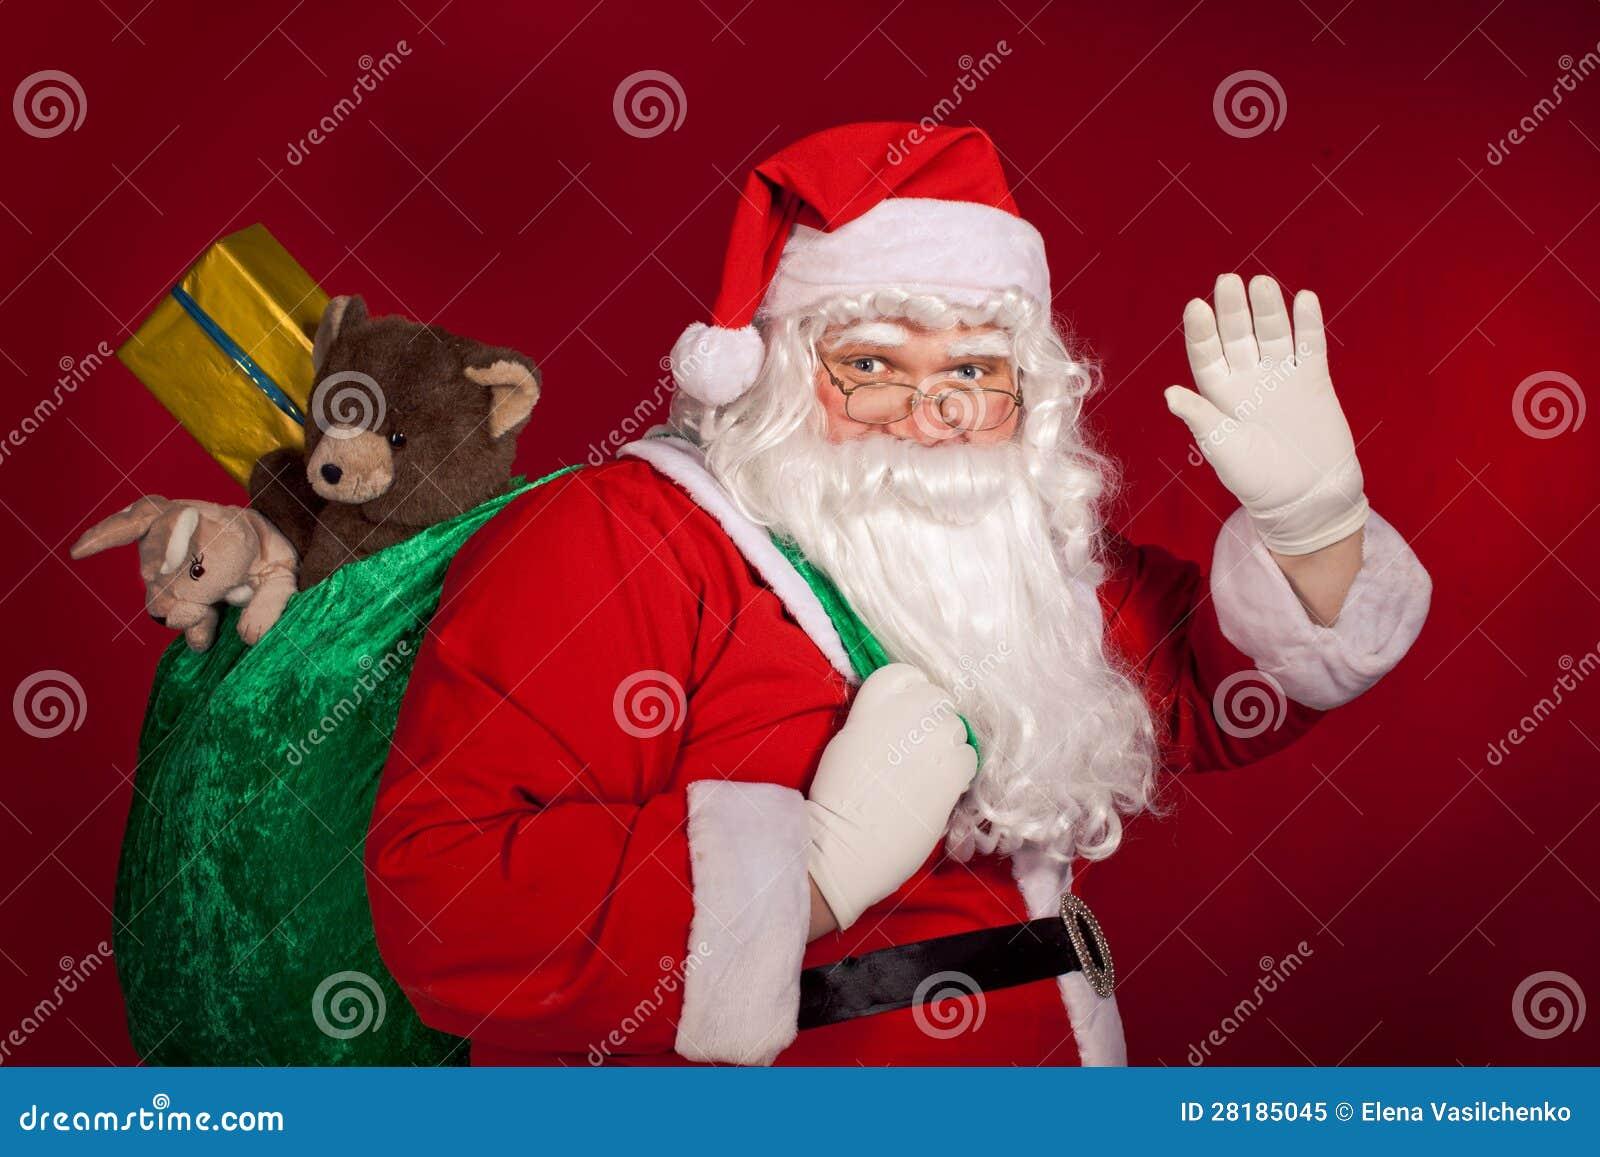 Santa Claus Greeting And Holding His Bag Royalty Free